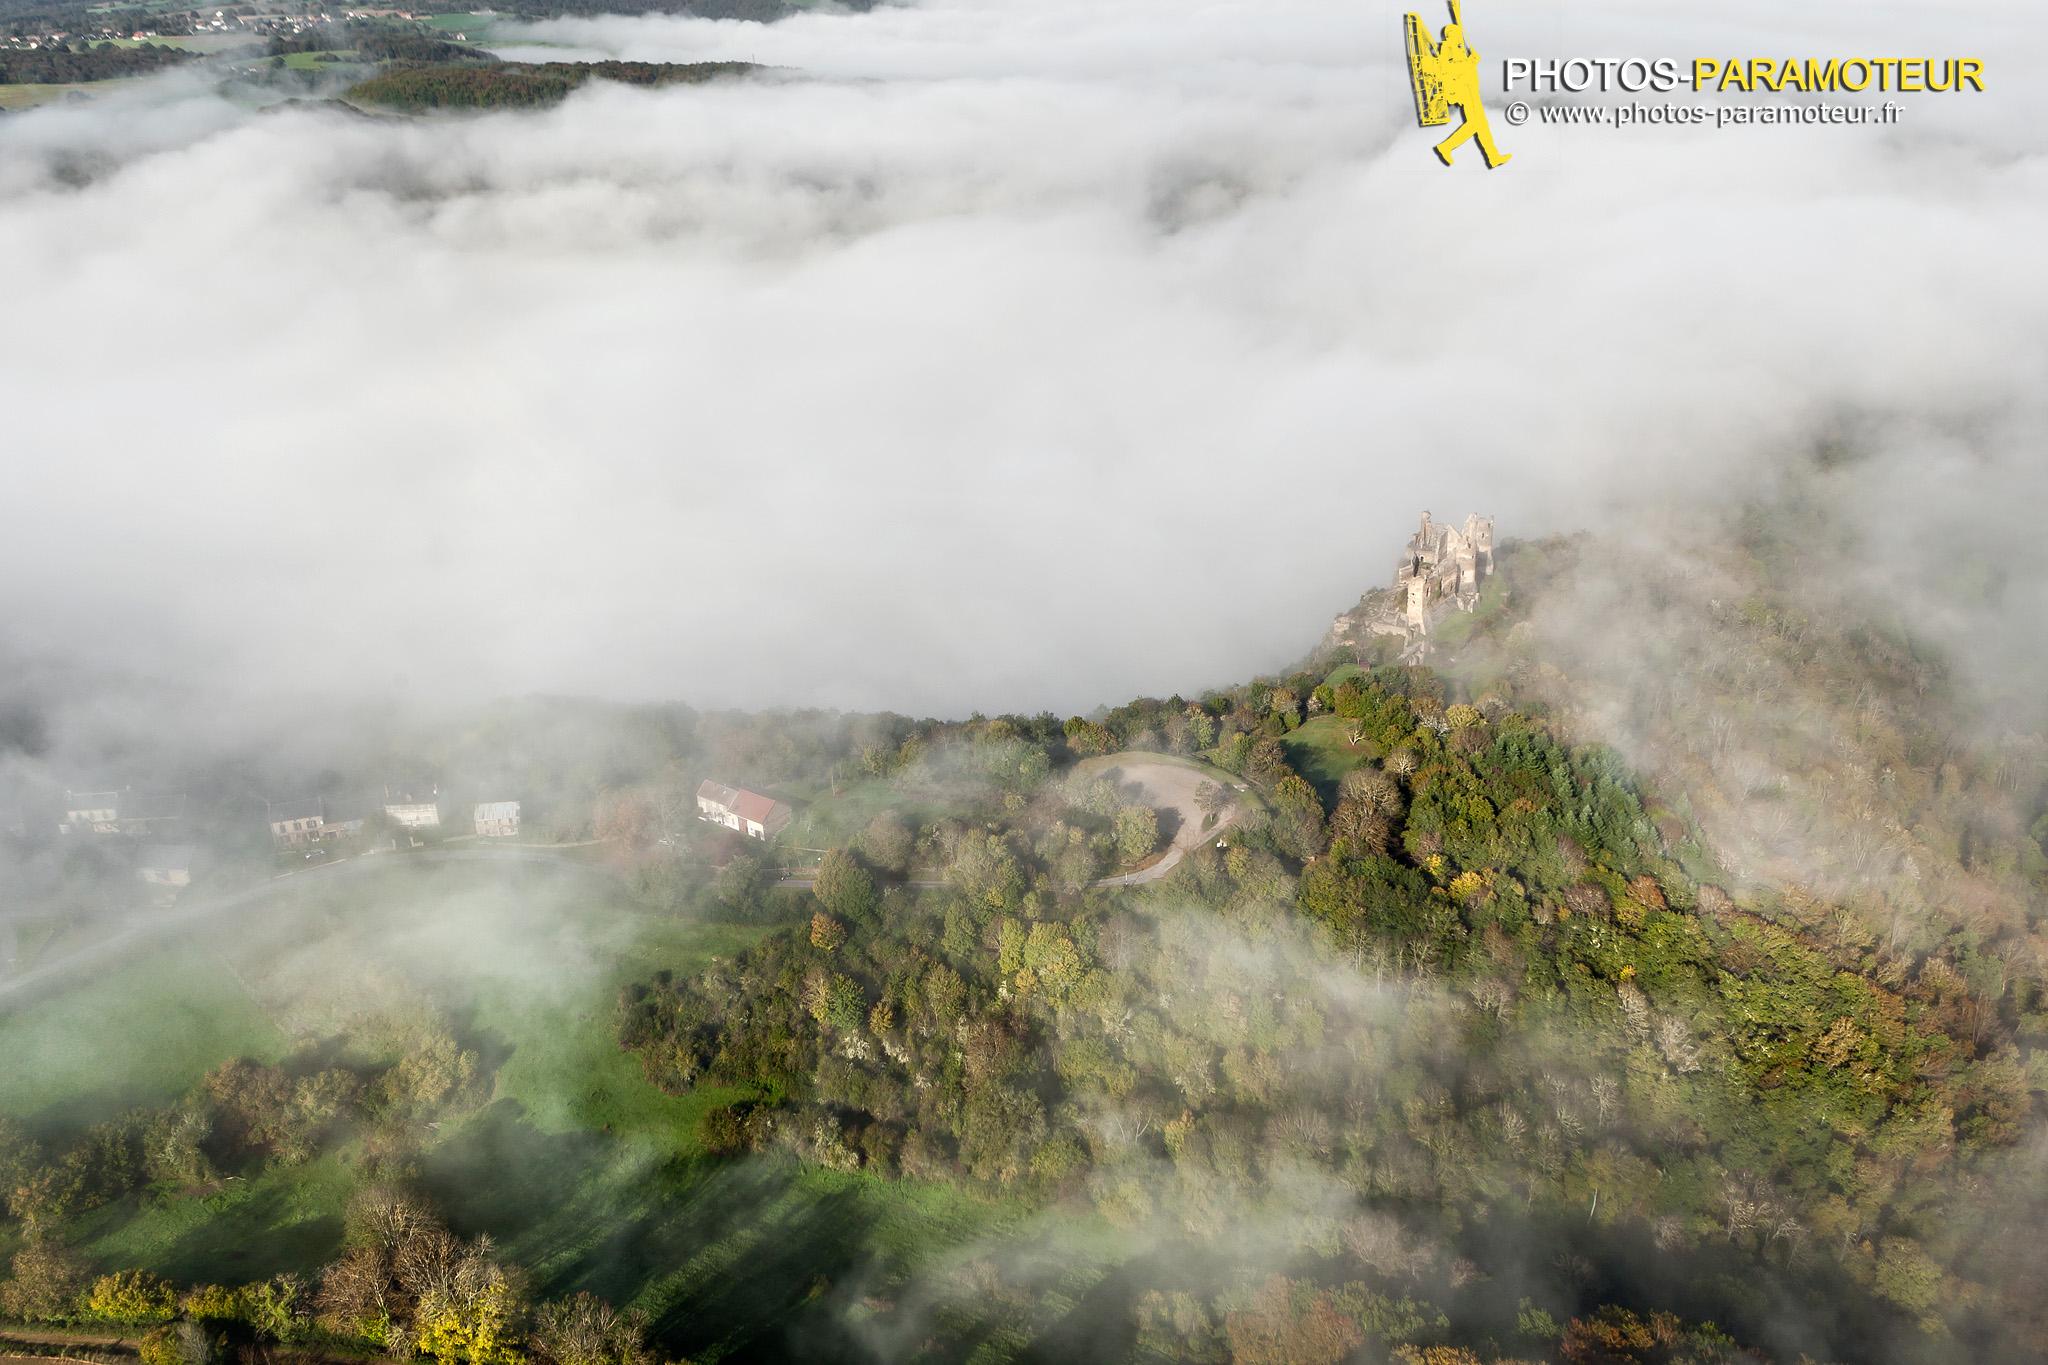 Château Rocher vue du ciel en paramoteur